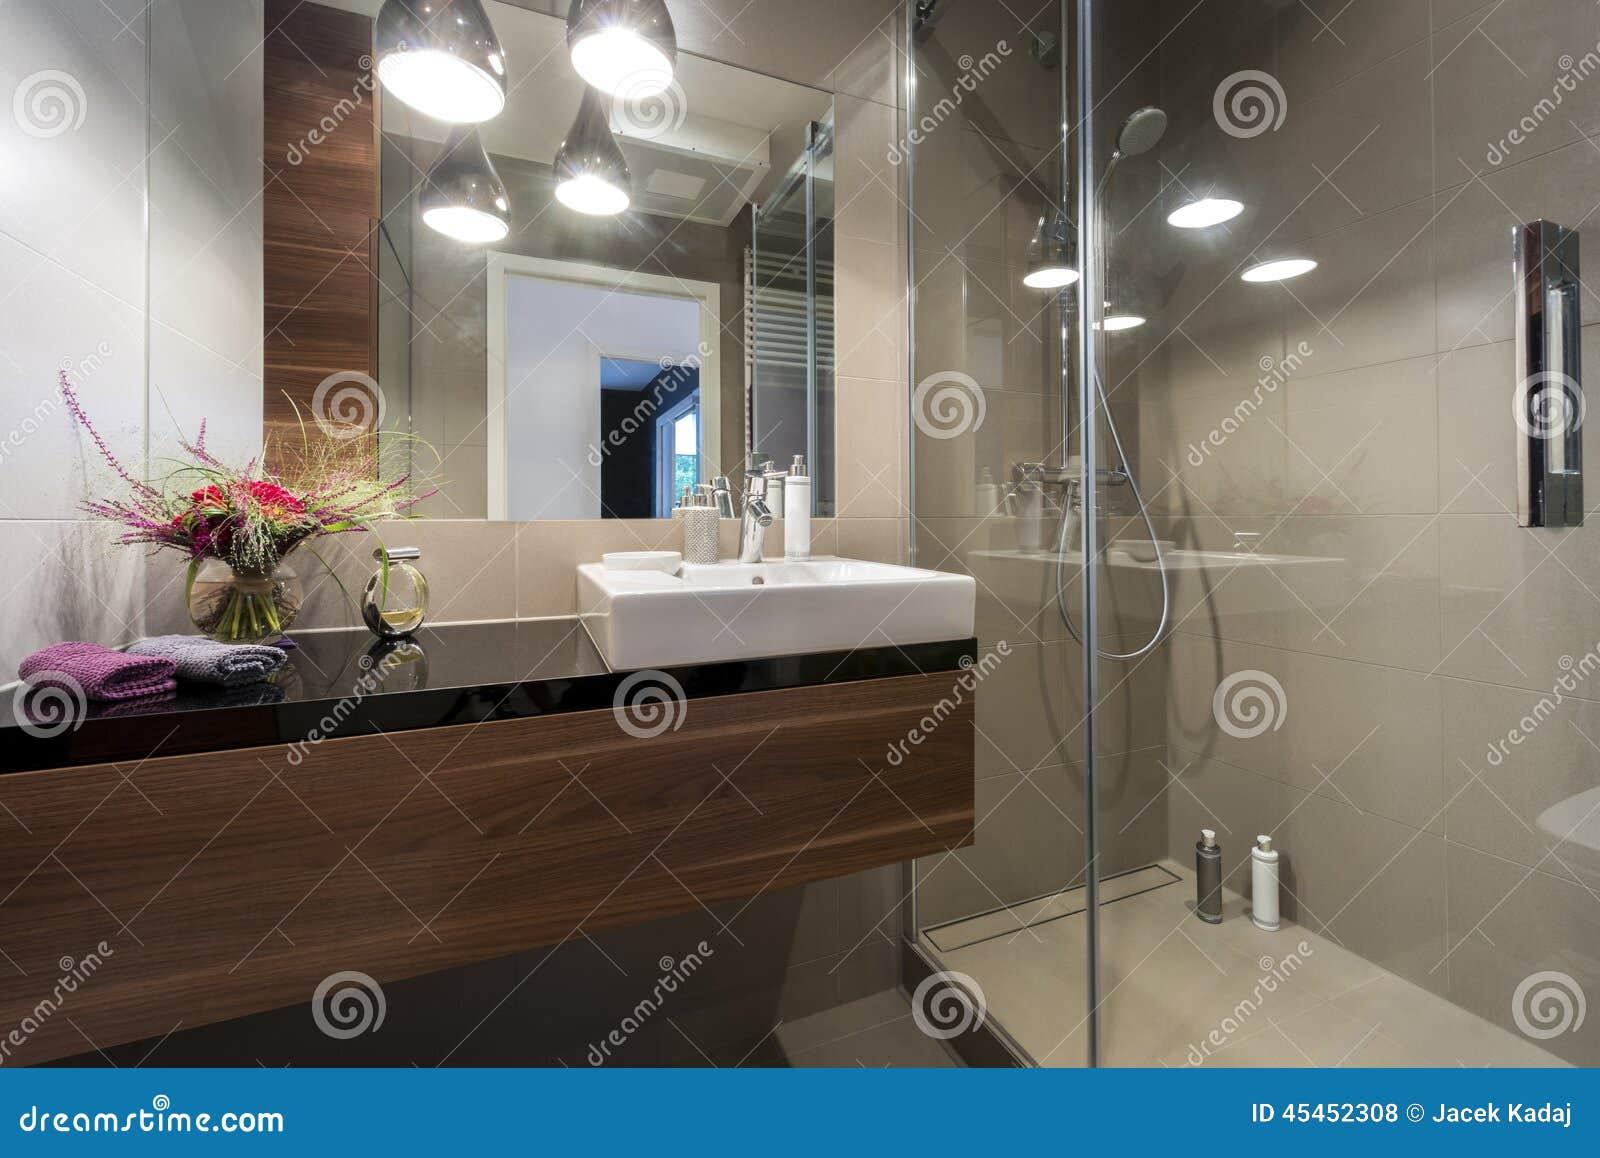 Bagno Di Lusso Moderno Con La Doccia Fotografia Stock - Immagine: 45452308